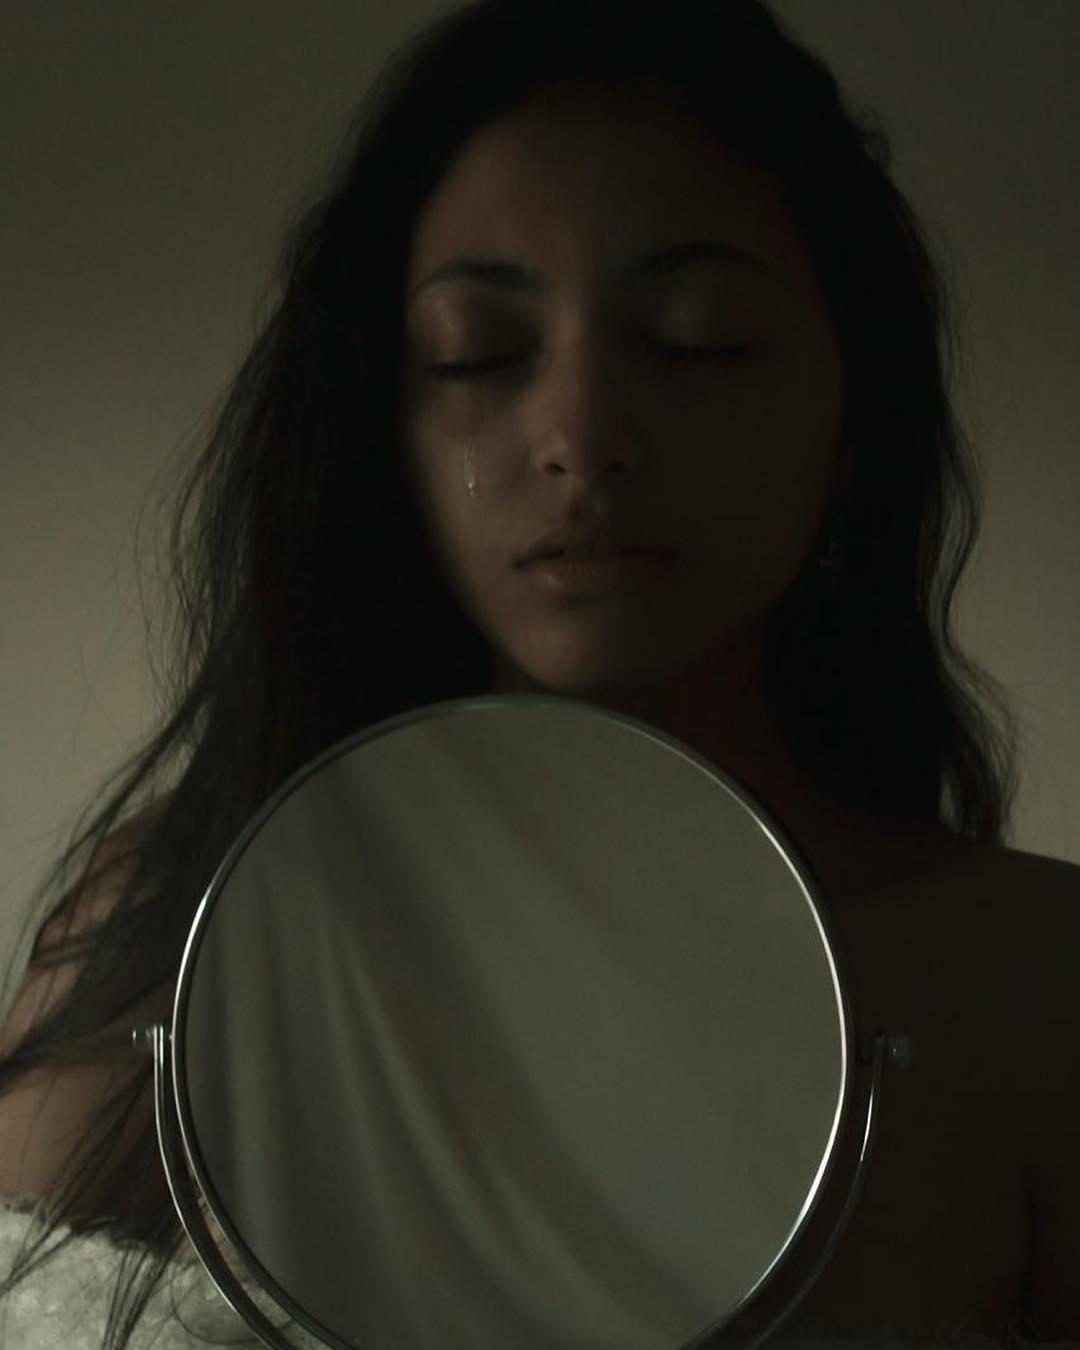 """مى الغيطى تحارب الظلم ضد المرأة بـ""""فوتوسيشن"""" جديد.. صور  47957-مى-الغيطى-فى-فوتوسيشن-جديد-(4)"""